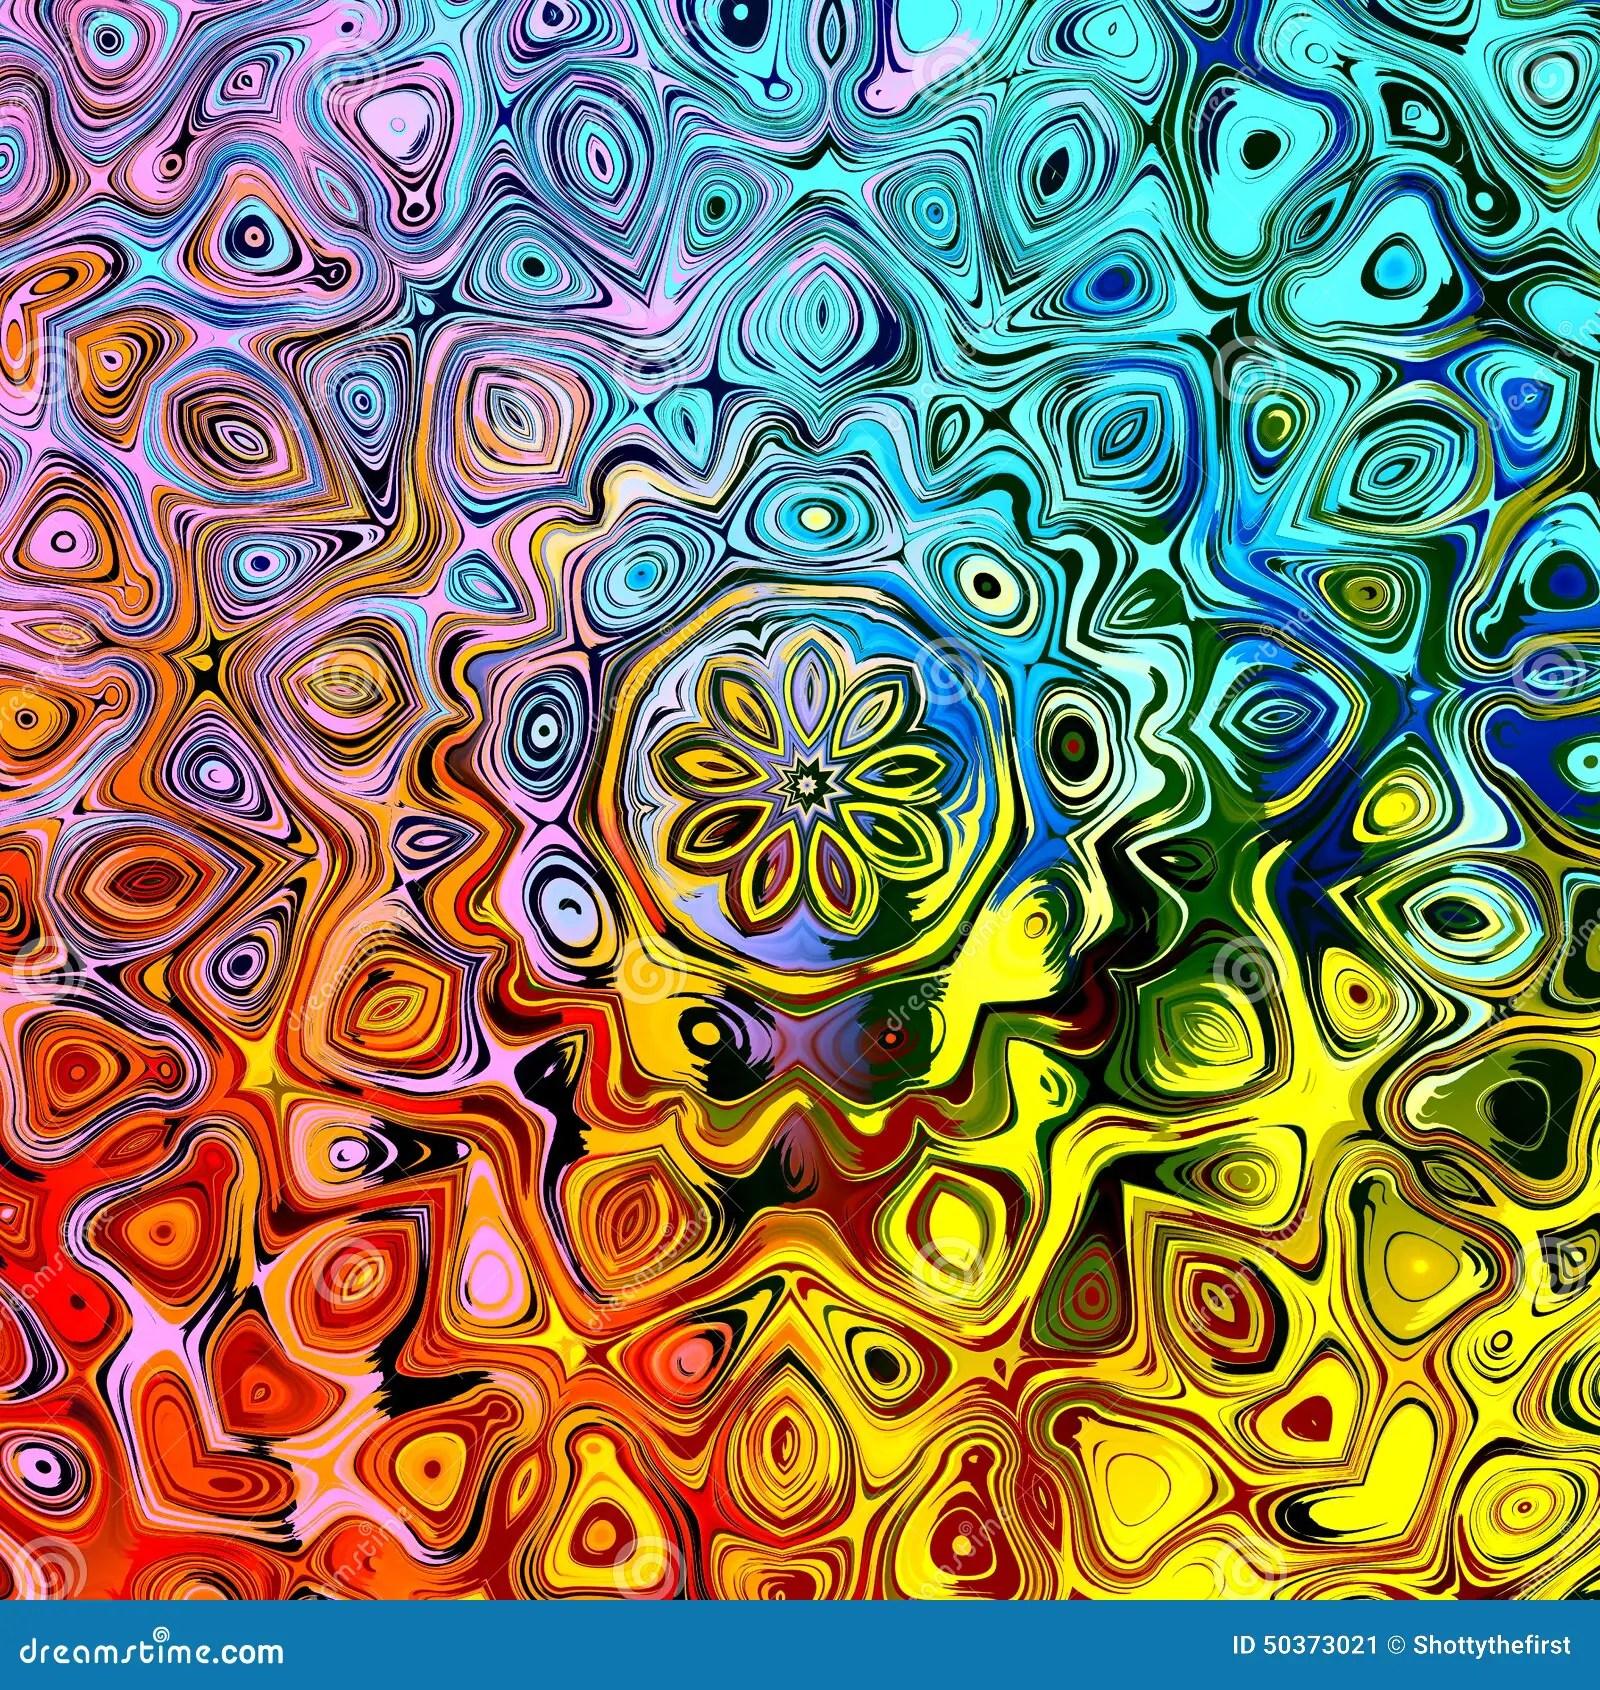 Fond Abstrait Avec Des Formes Stylises Cratives Colores